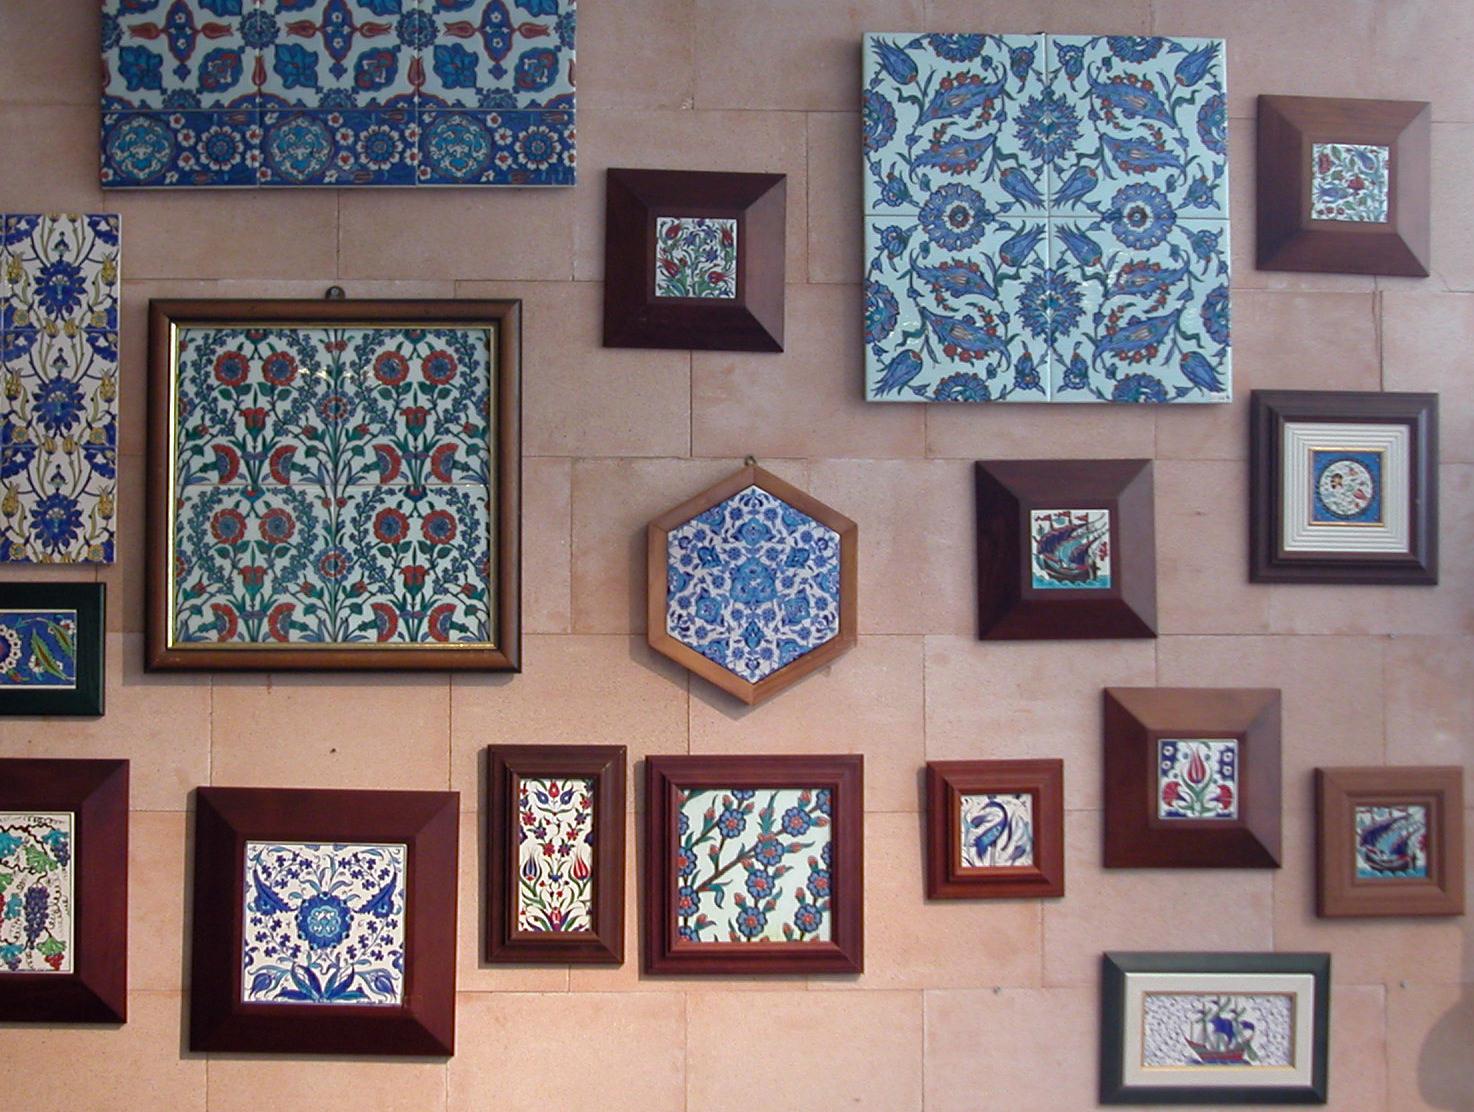 Klasik Osmanlı İznik ve Kütahya Tarzı Hediyelik Çini Panolar ve Karolar kurumsal hediyelik mimari restorasyon amaçlı çiniler